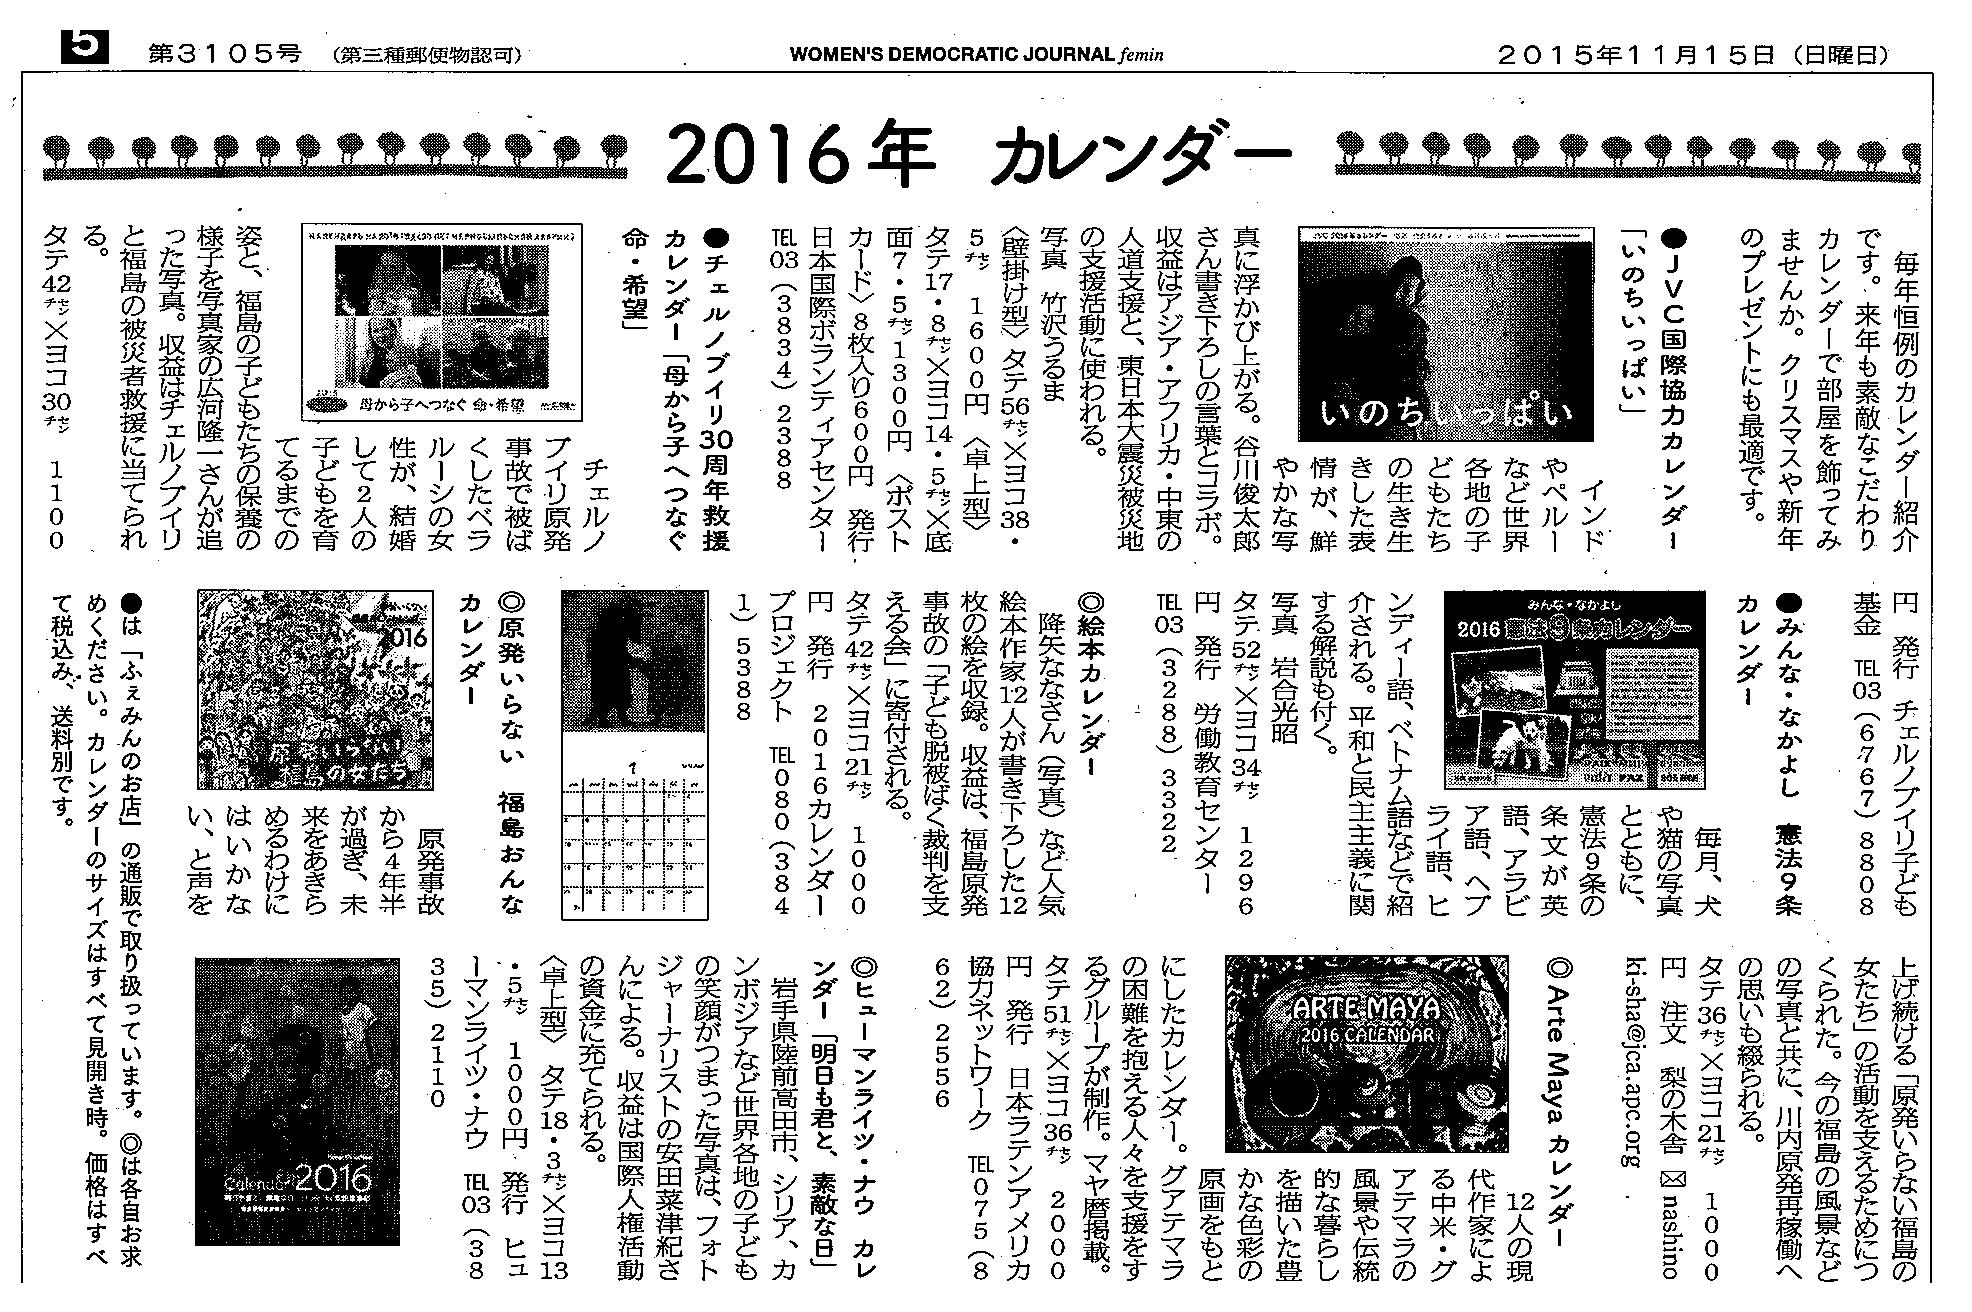 20151115ふぇみん